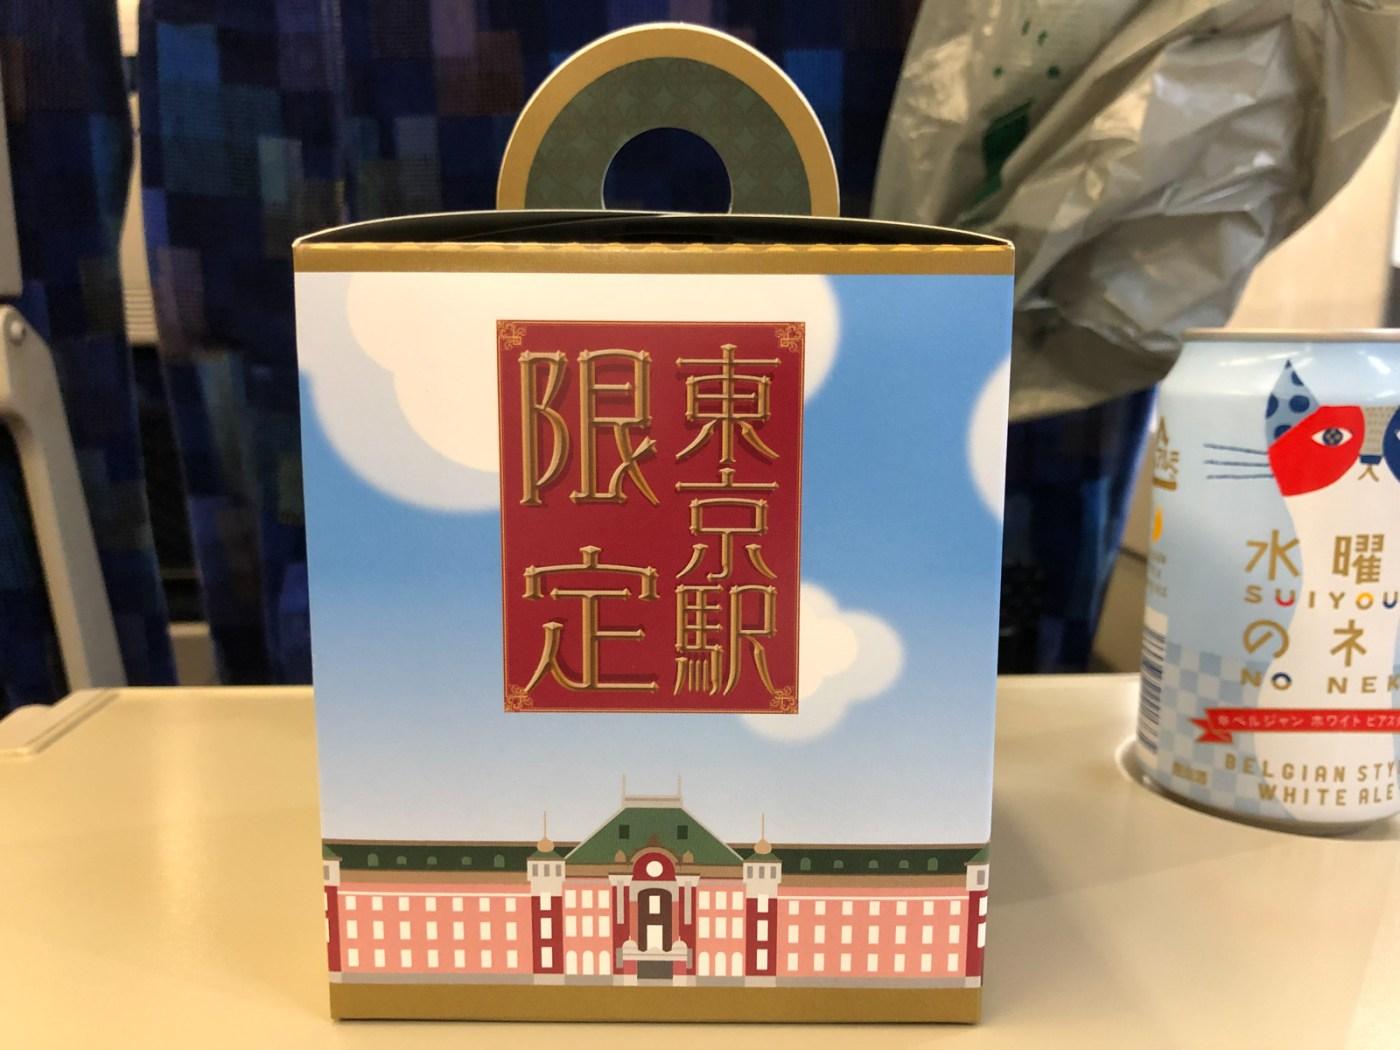 まい泉 東京駅丸の内駅舎三階建て弁当